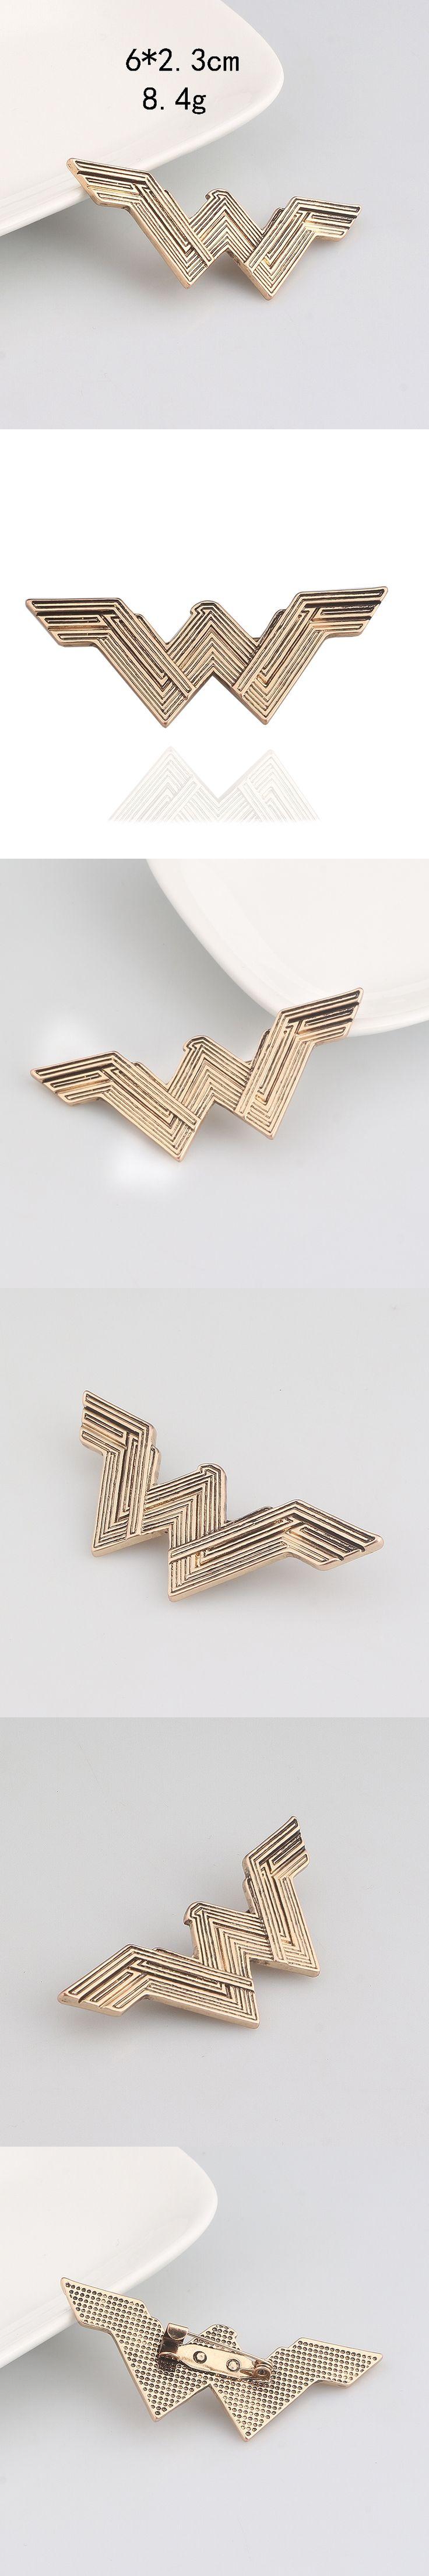 Hot Sale Super Hero Brooch Wonder Woman Badge Brooch Movie Jewelry